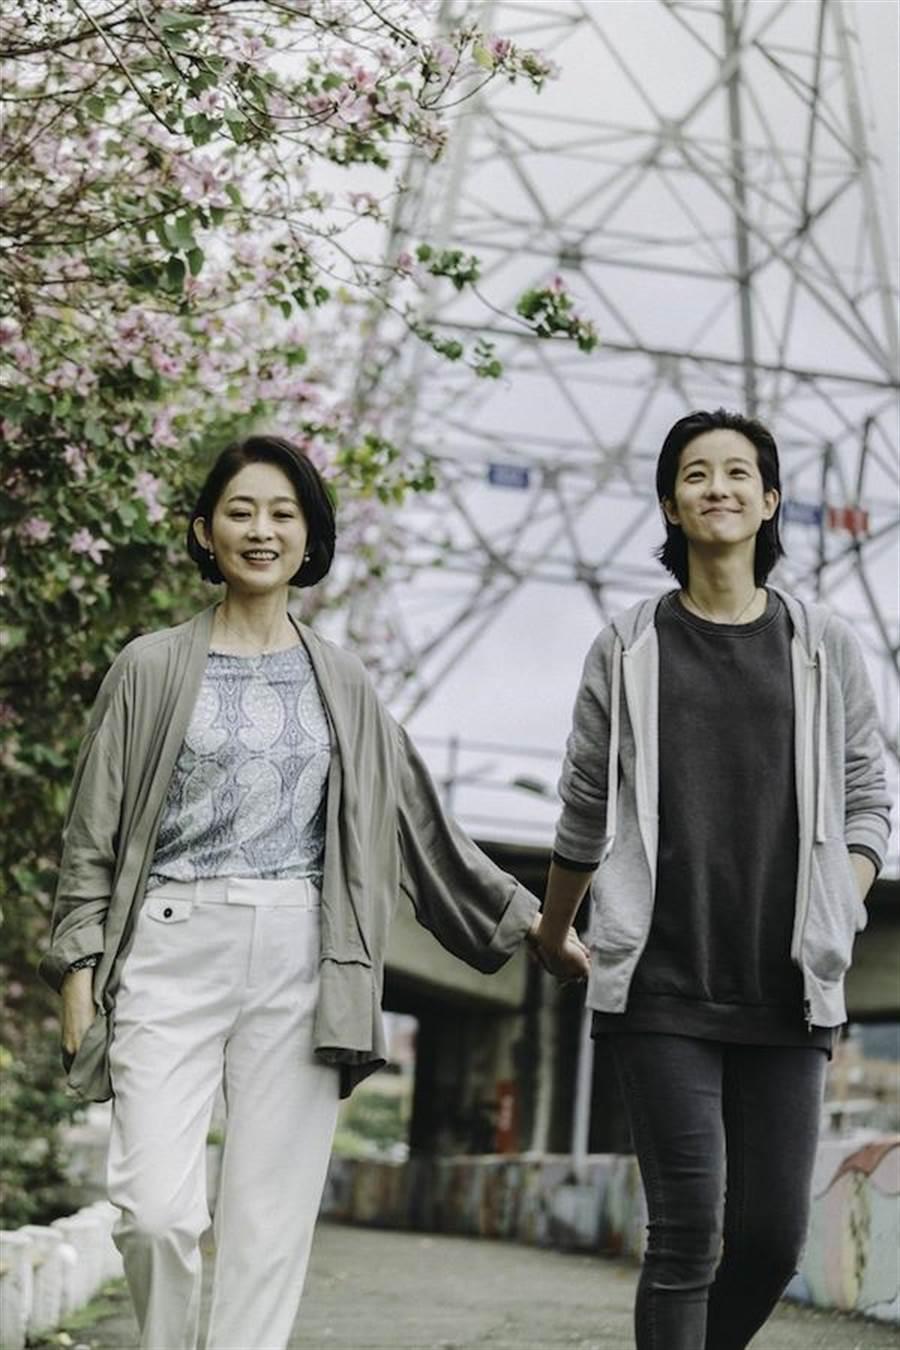 賴雅妍和劉瑞琪私交甚篤,為戲培養距離感。(華應提供)